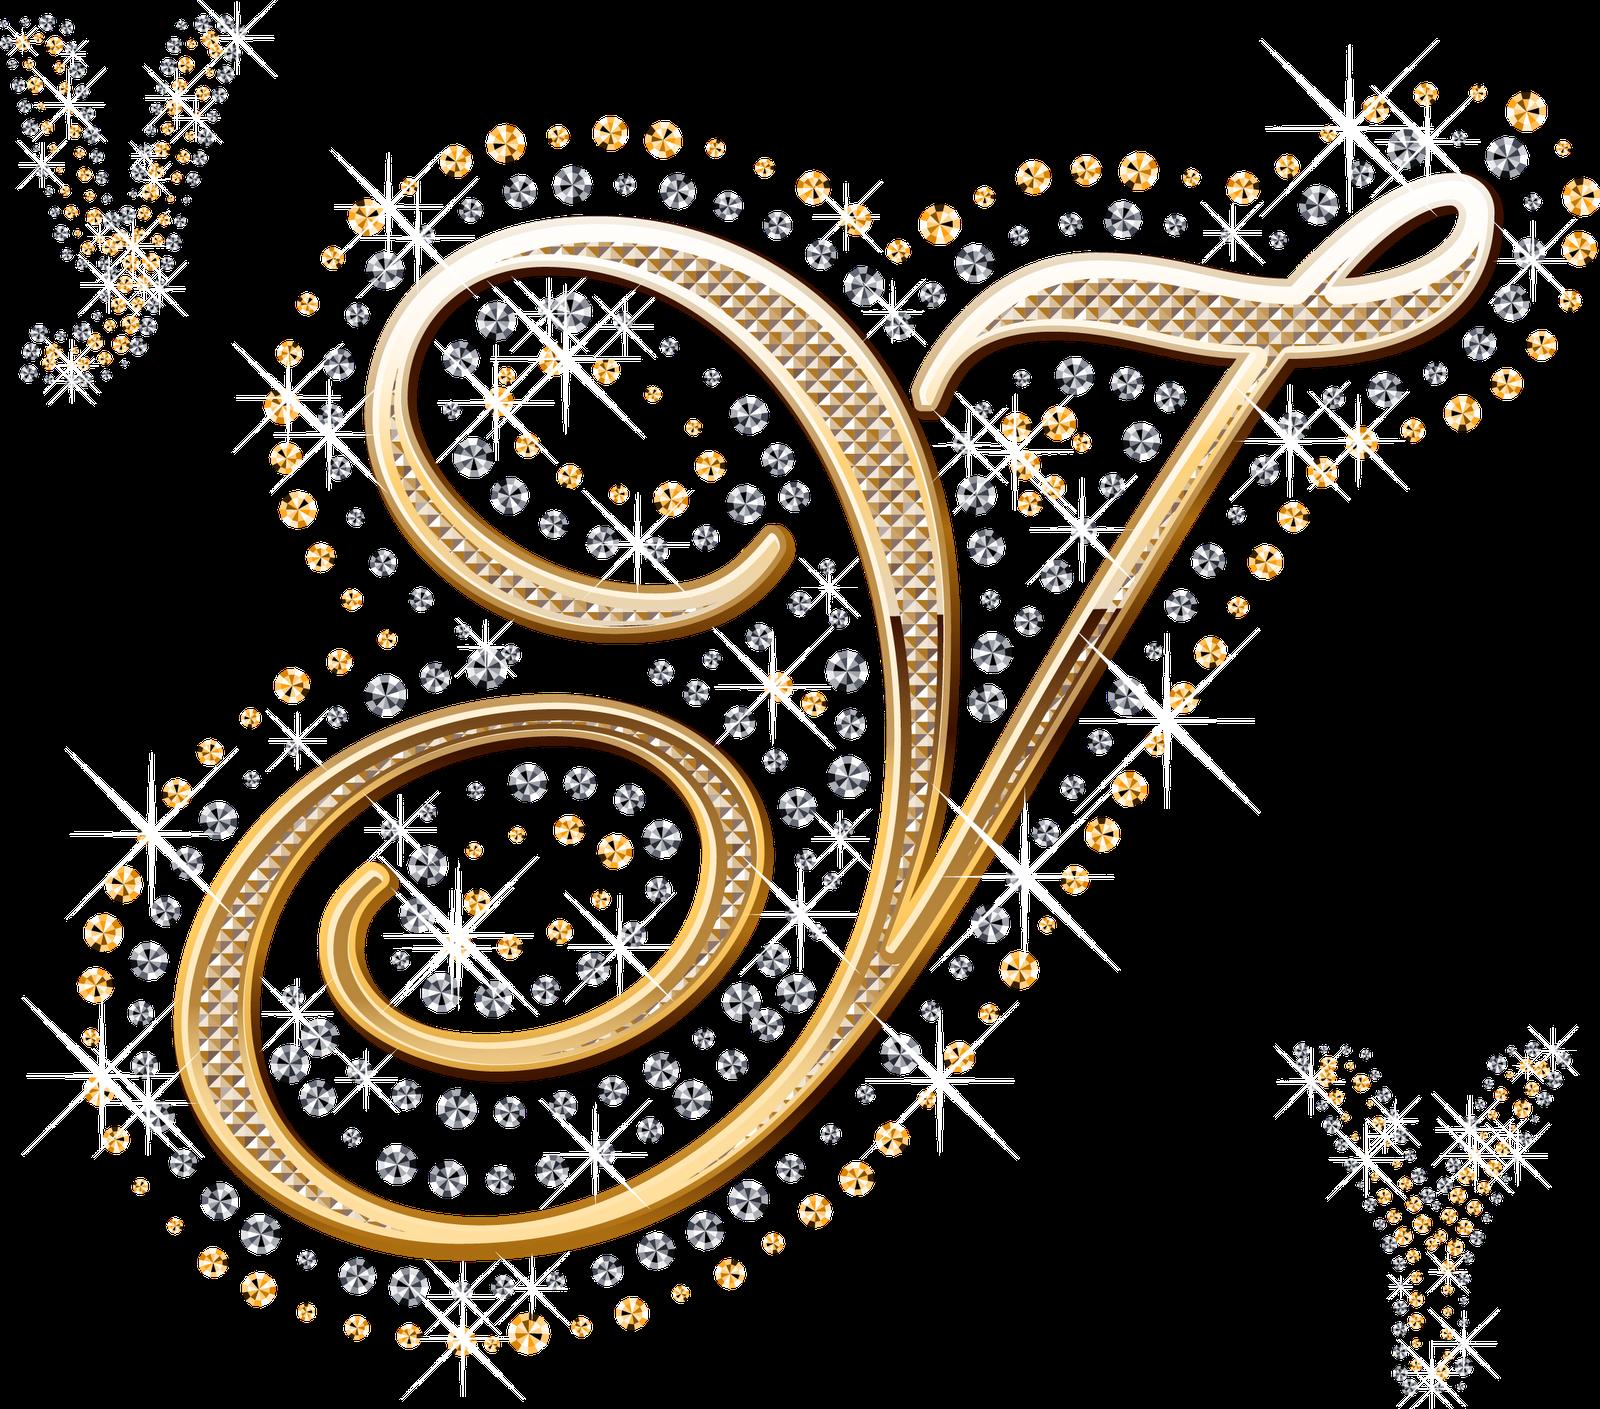 Alfabeto decorado dourado com strass em PNG - ALFABETOS LINDOS